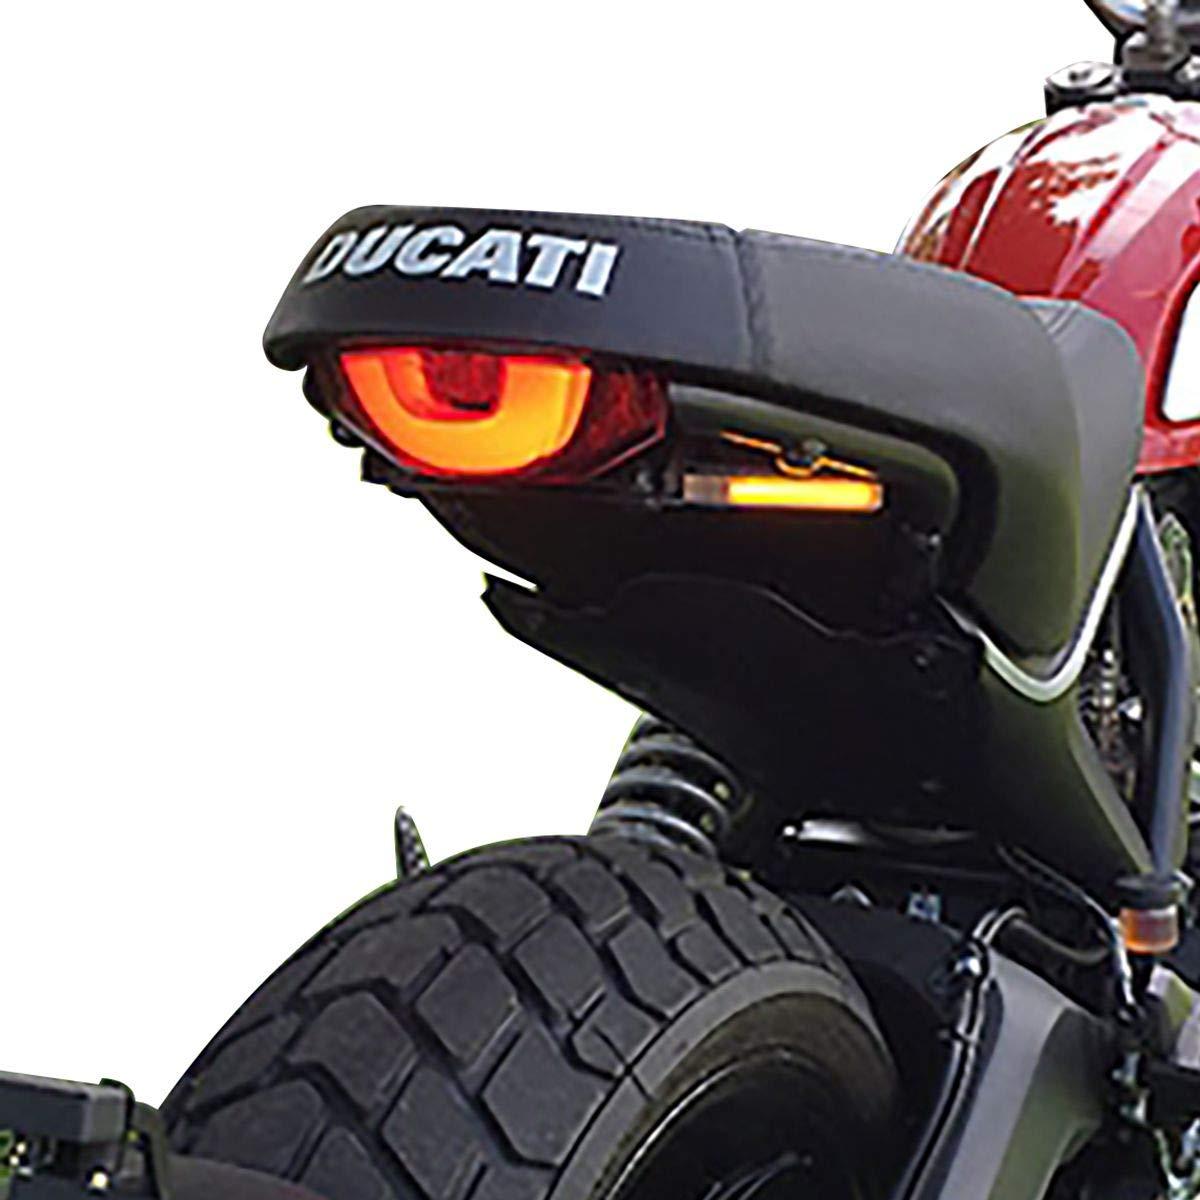 /nuevo Rage ciclos / Ducati Scrambler Fender Eliminator Kit placa soporte de luz